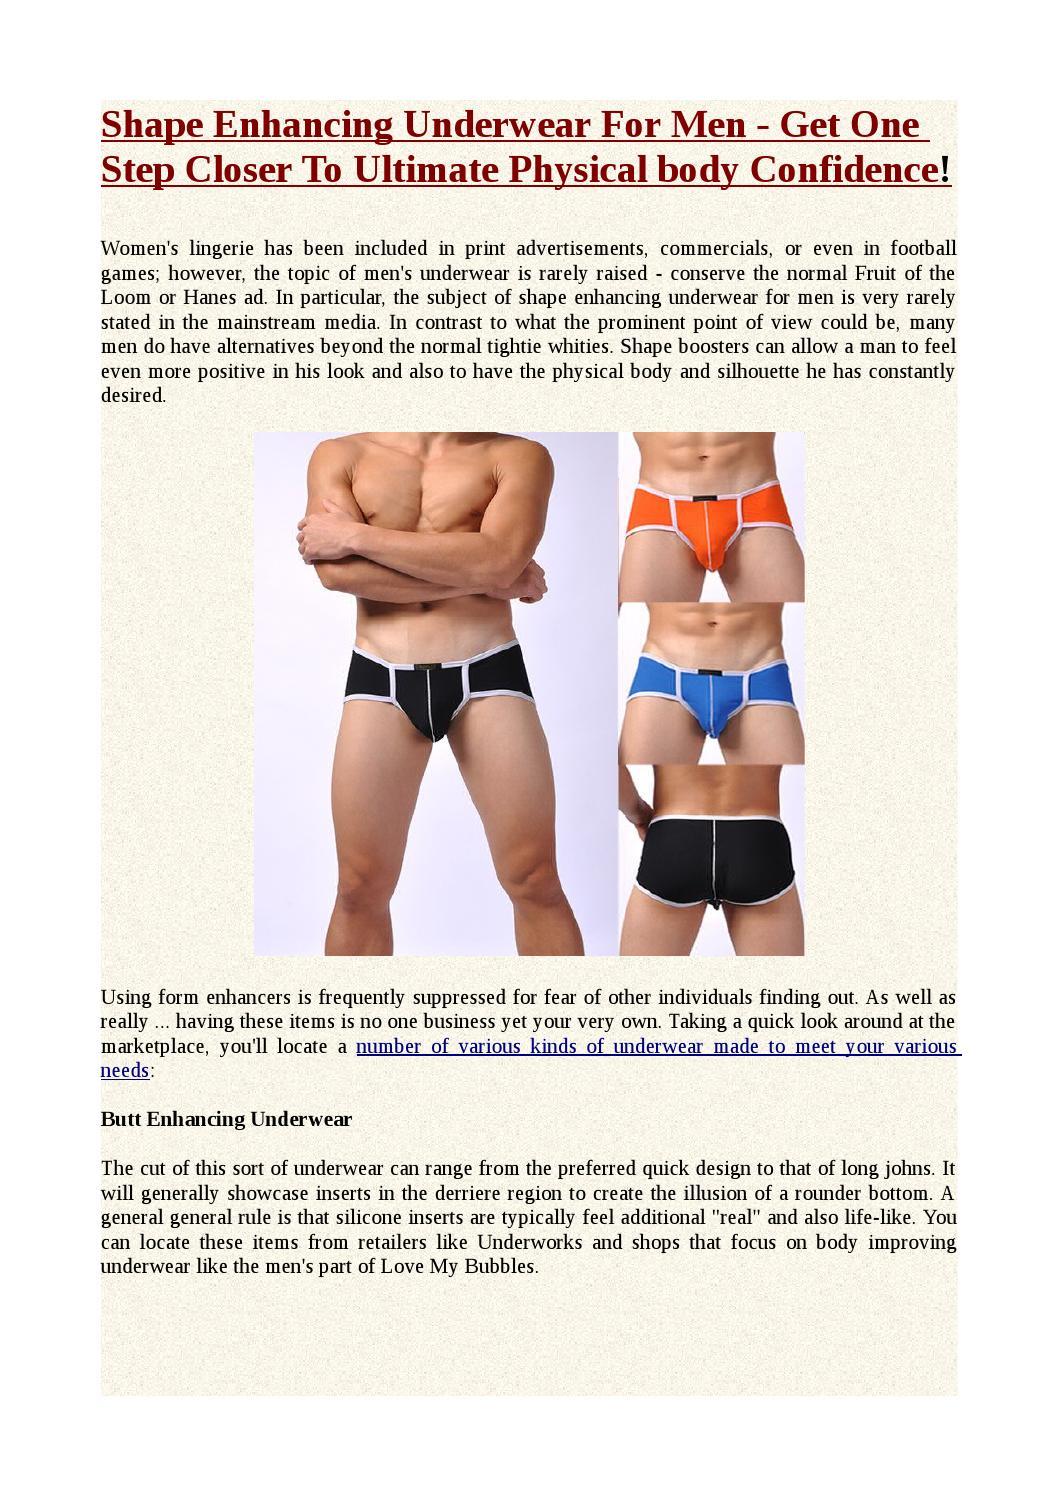 Closer Underwear